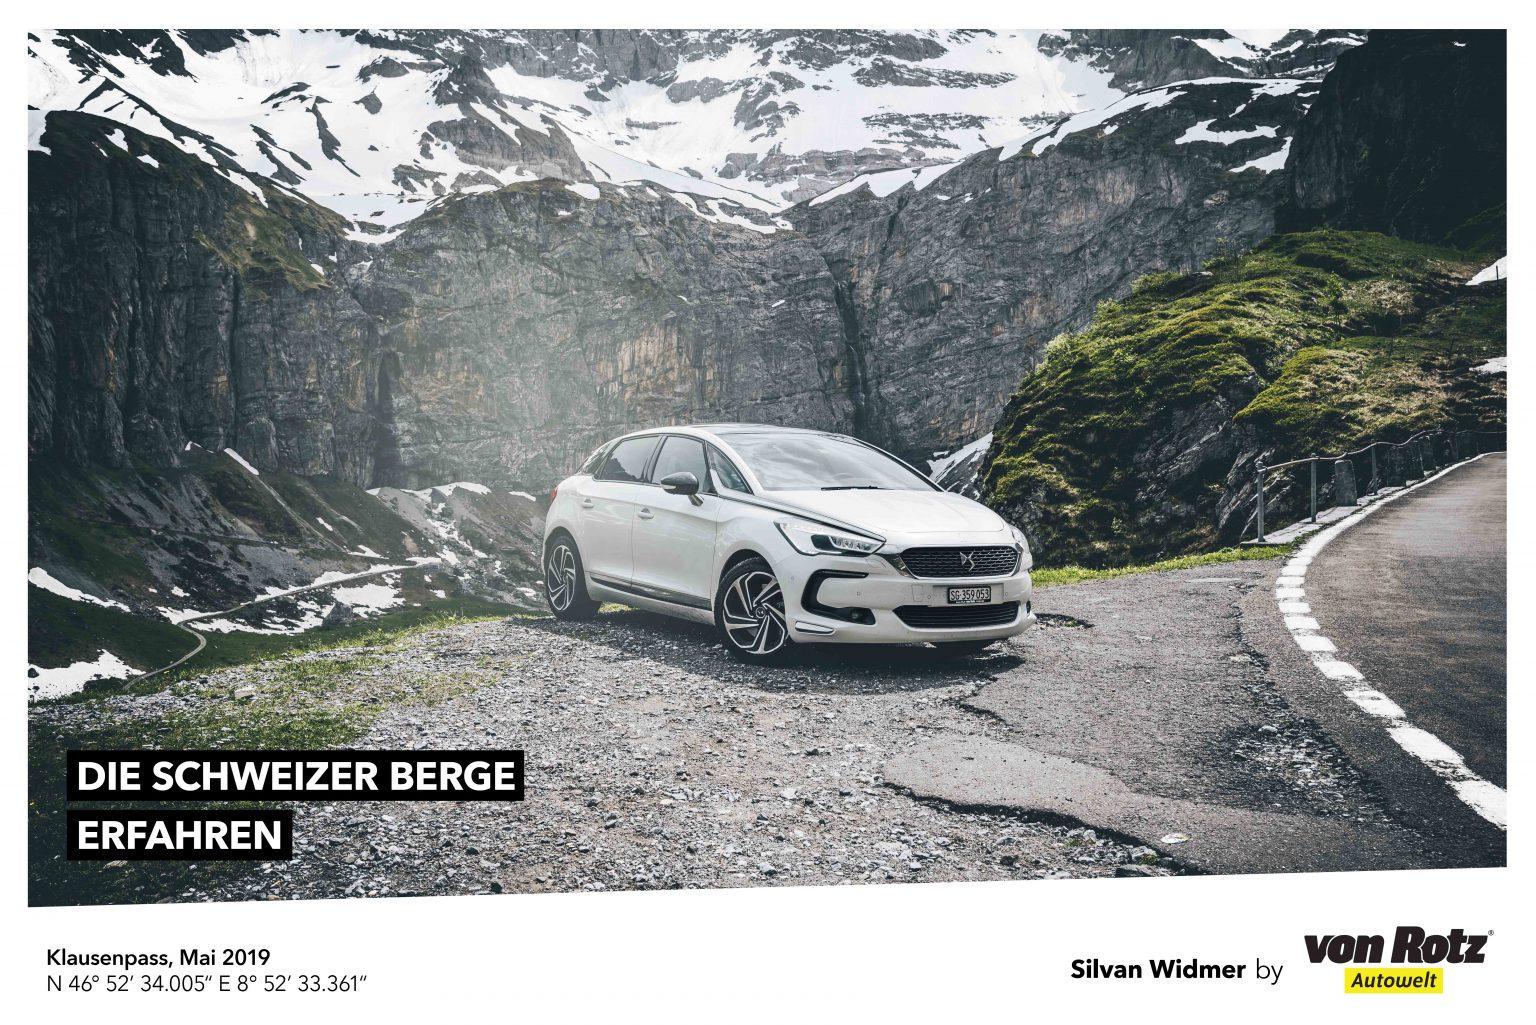 Die Schweizer Berge erfahren mit Silvan Widmer - Auto Welt von Rotz AG